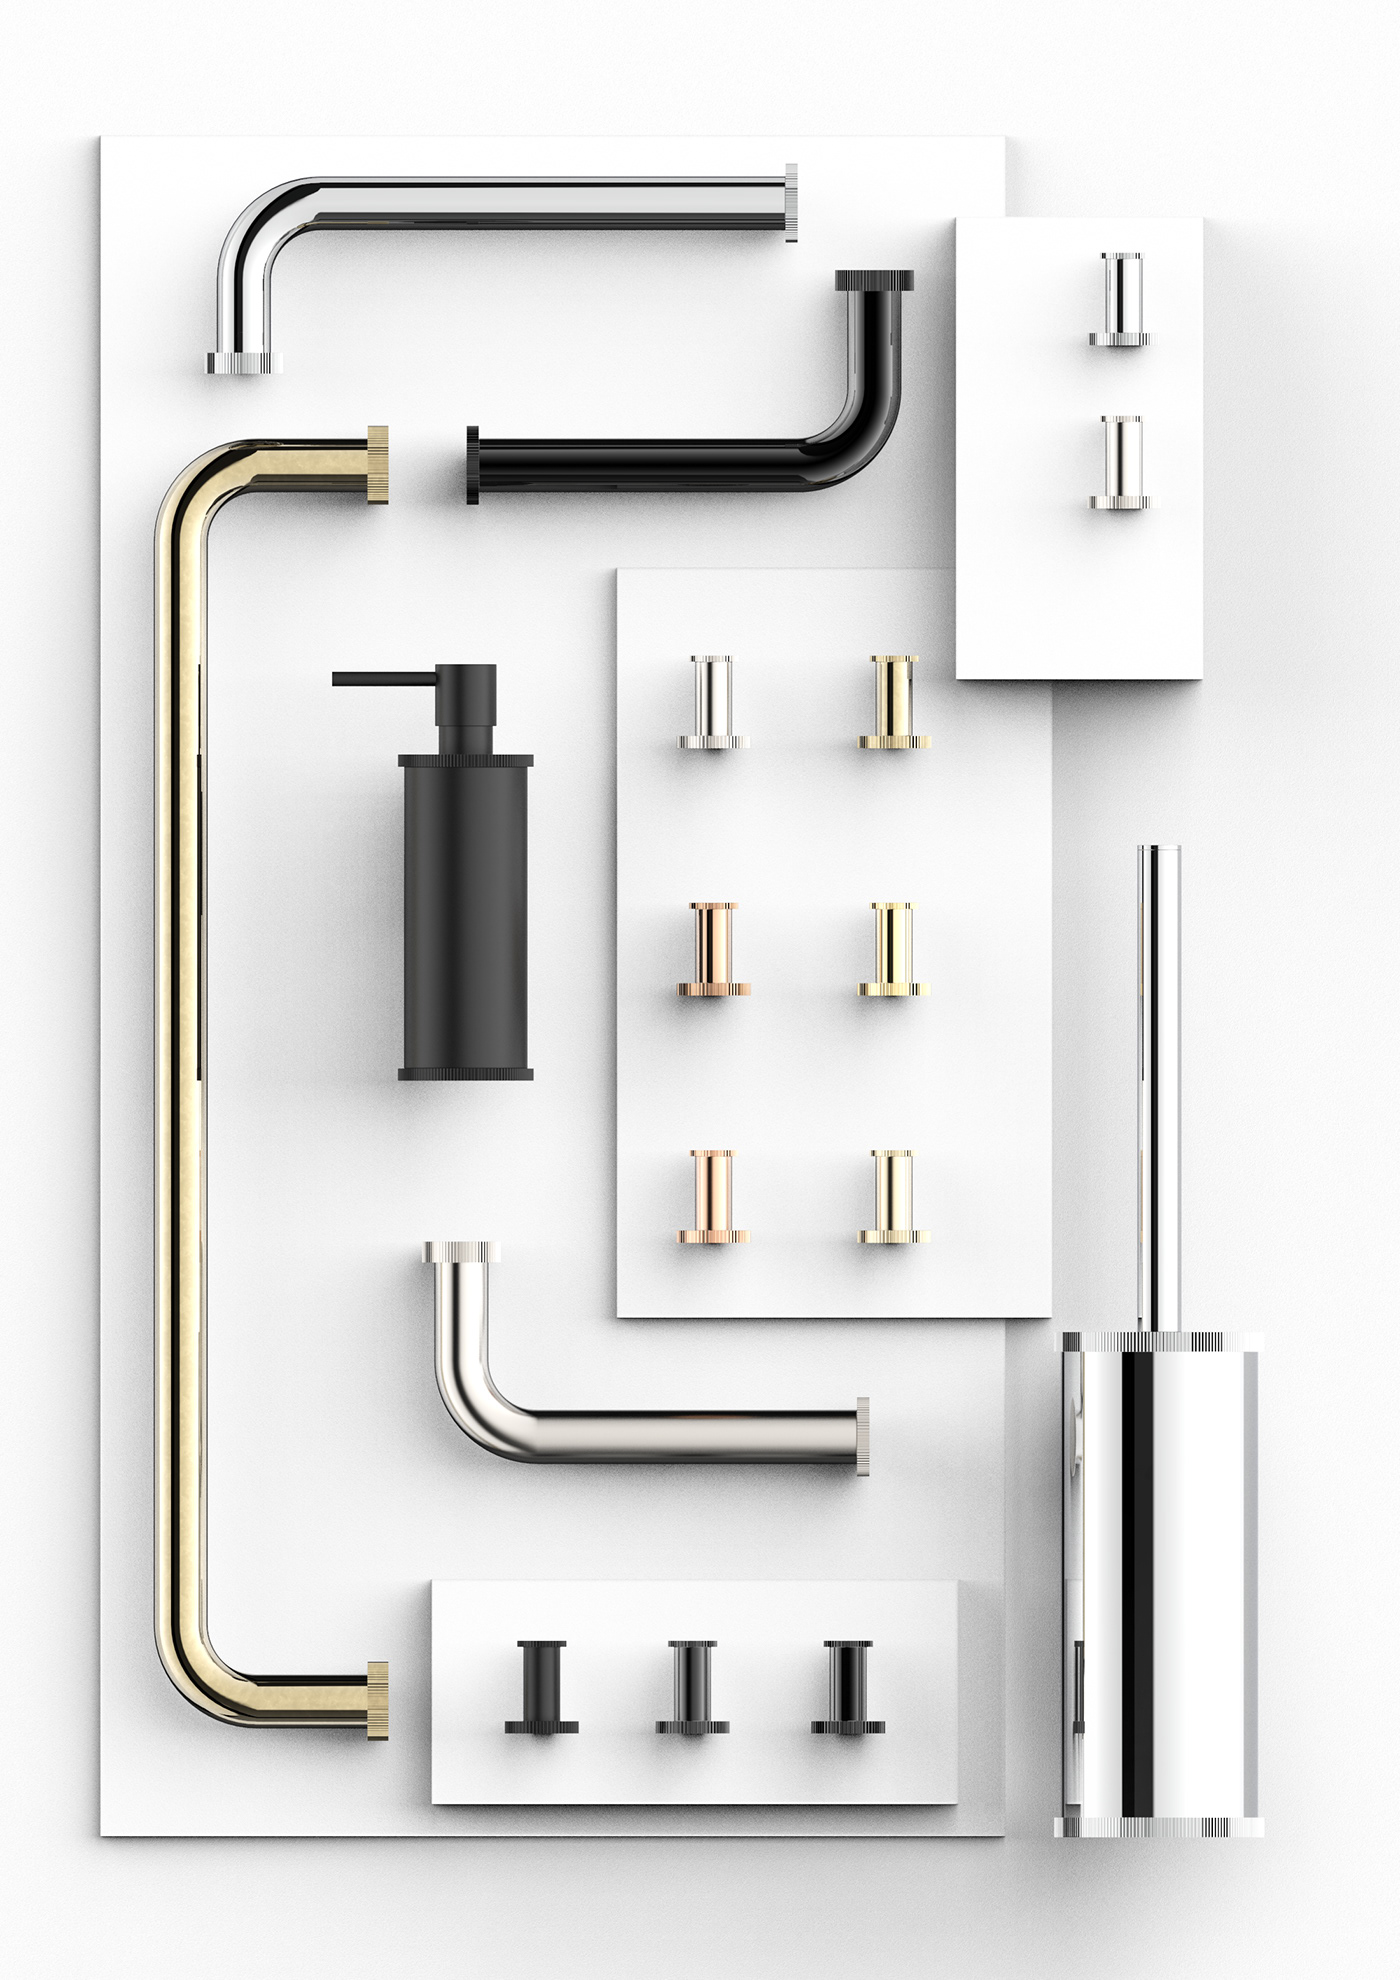 arredo bagno bagno comando remoto Prodotto product design  Progettazione di prodotto rubinetterie rubinetto